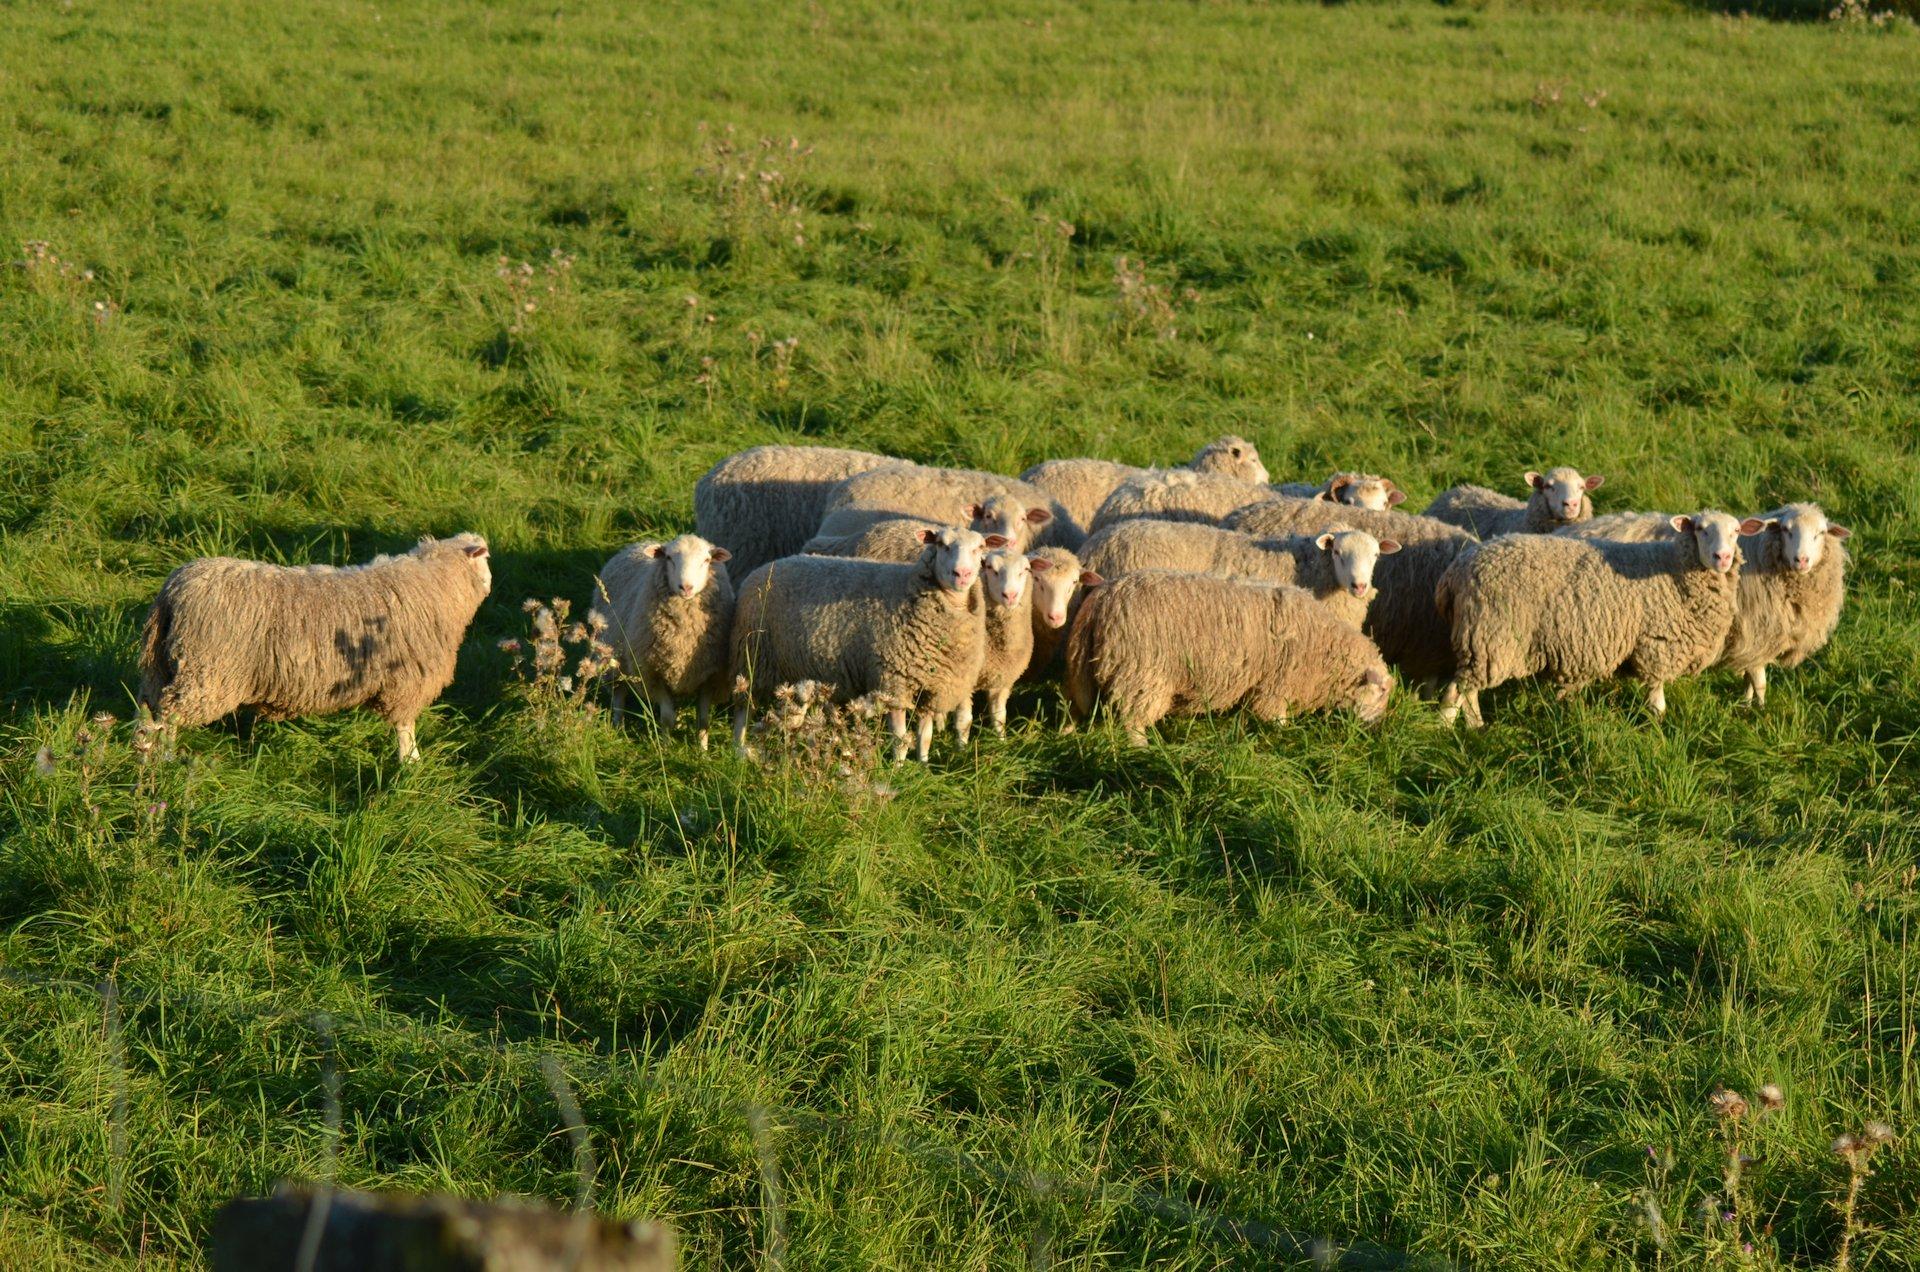 owca owce zwierzętafree photo darmowe zdjęcie